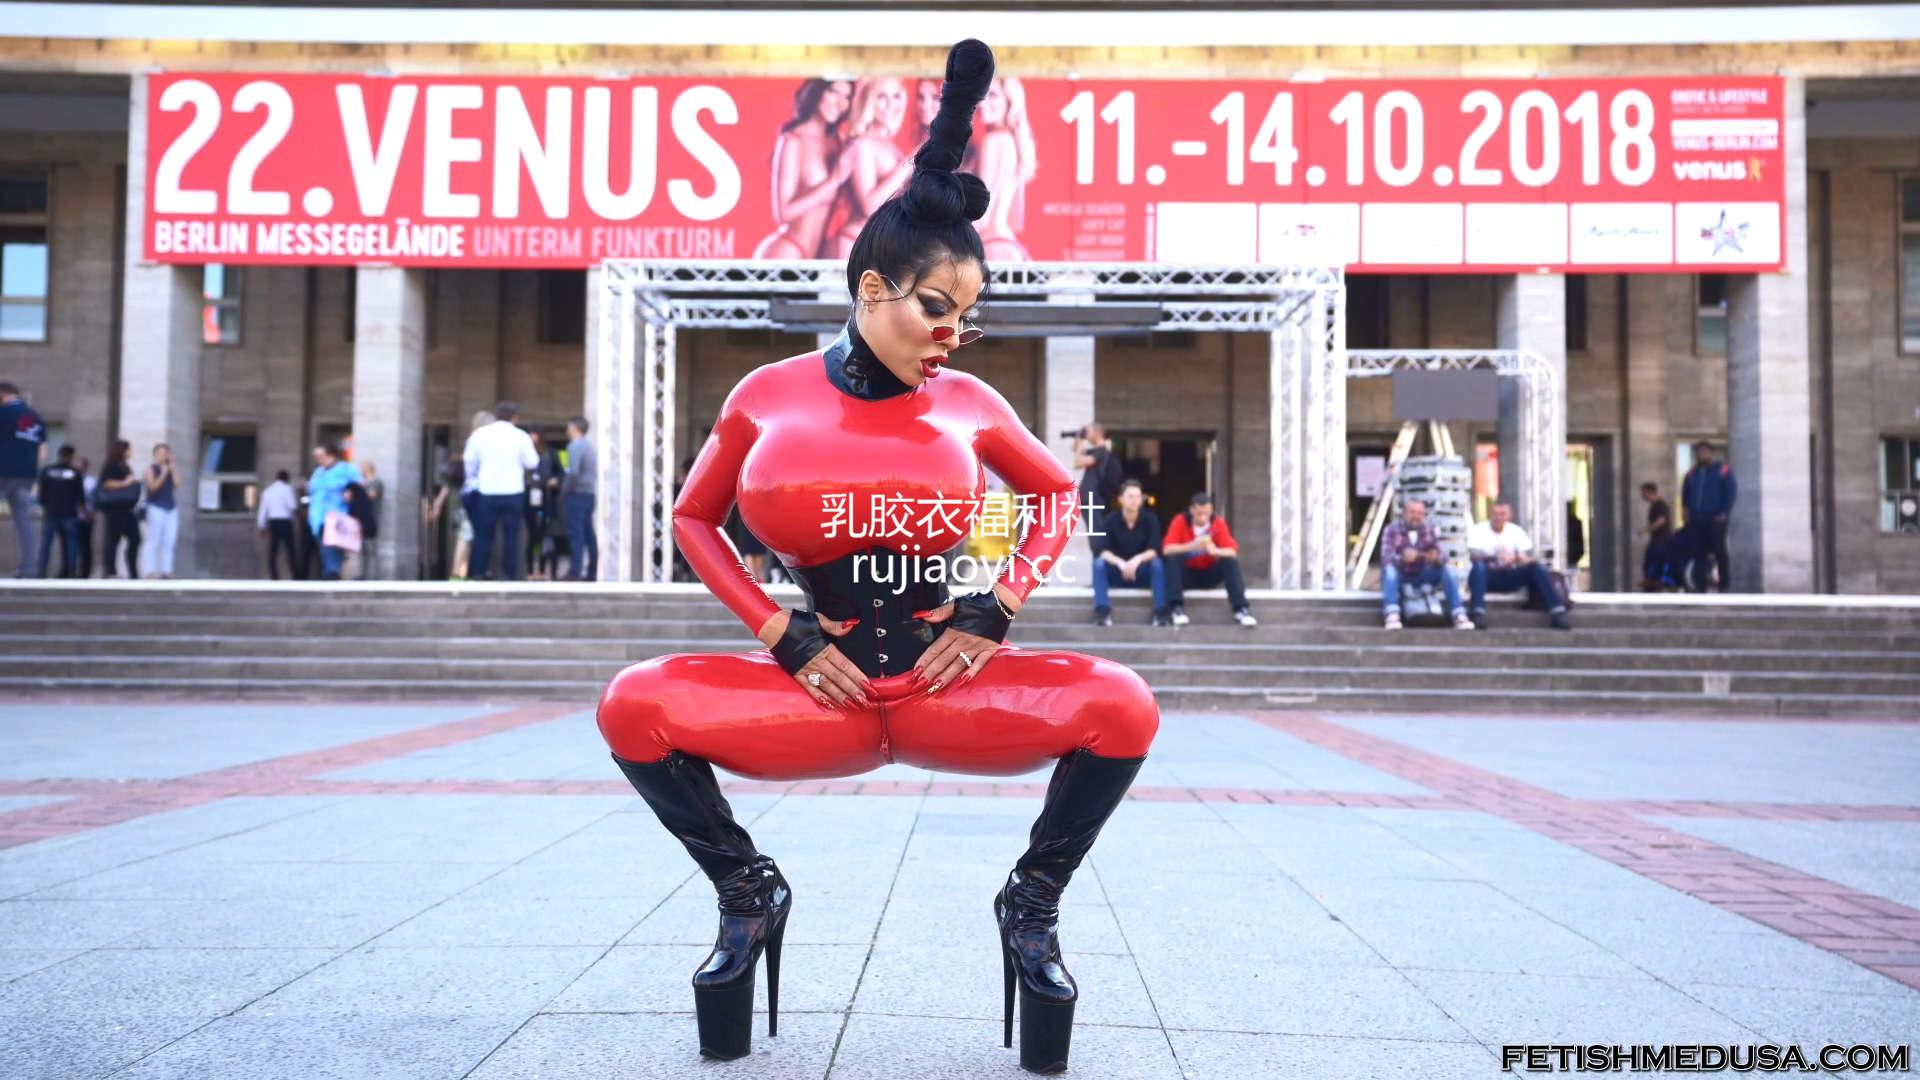 [永V专享-独家精品乳胶衣视频] 极品尤物束腰乳胶衣户外露出写真-1080p高清视频 [1V/289M]